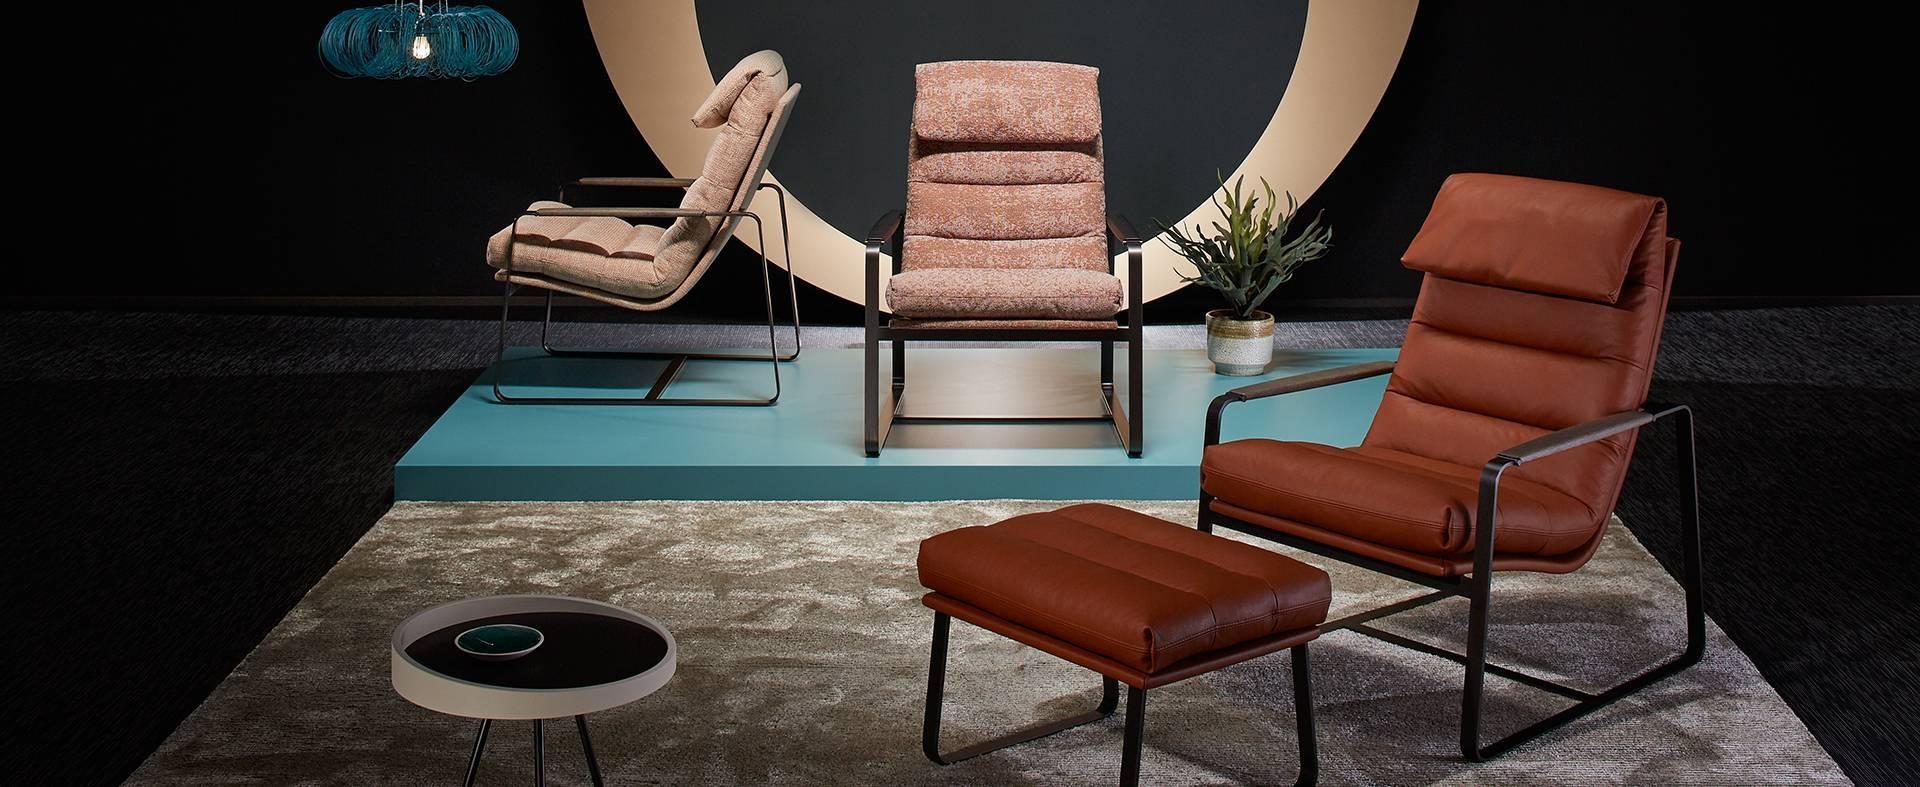 leolux-design-fauteuil-indra